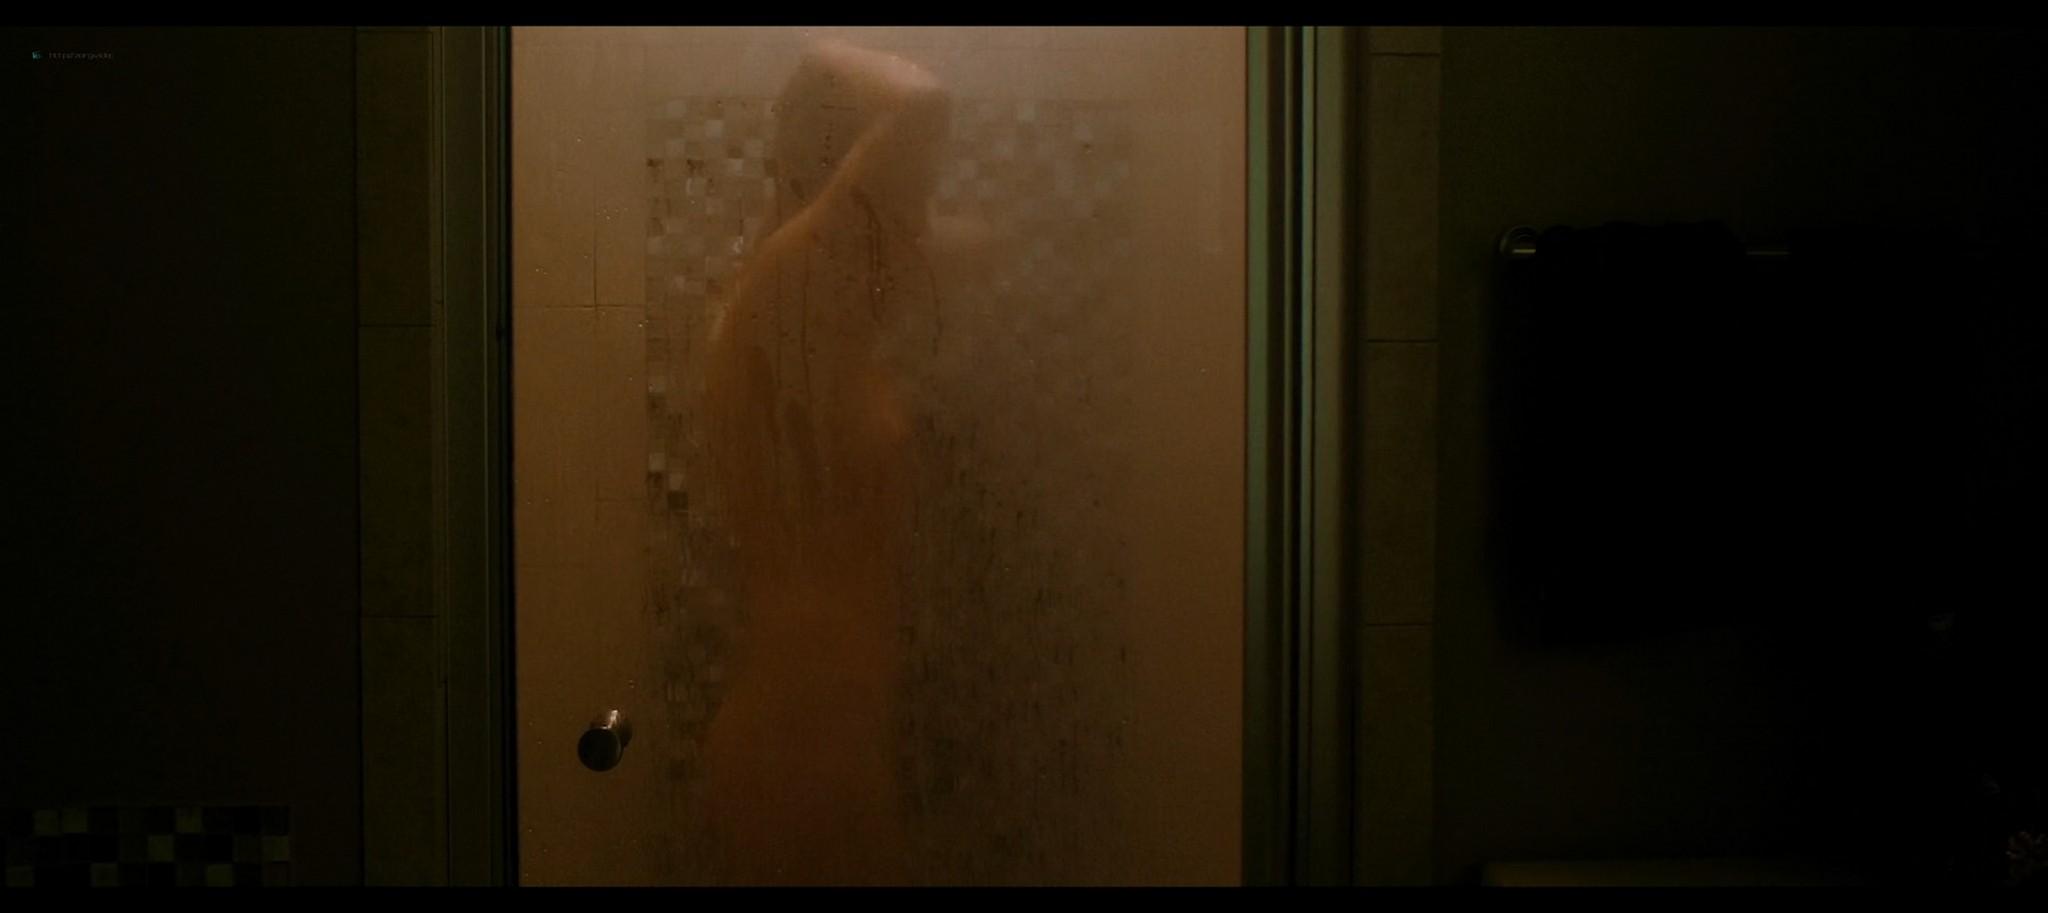 Anna Shields nude topless Rachel Finninger hot lesbian sex - Monstrous (2020) HD 1080p Web (15)